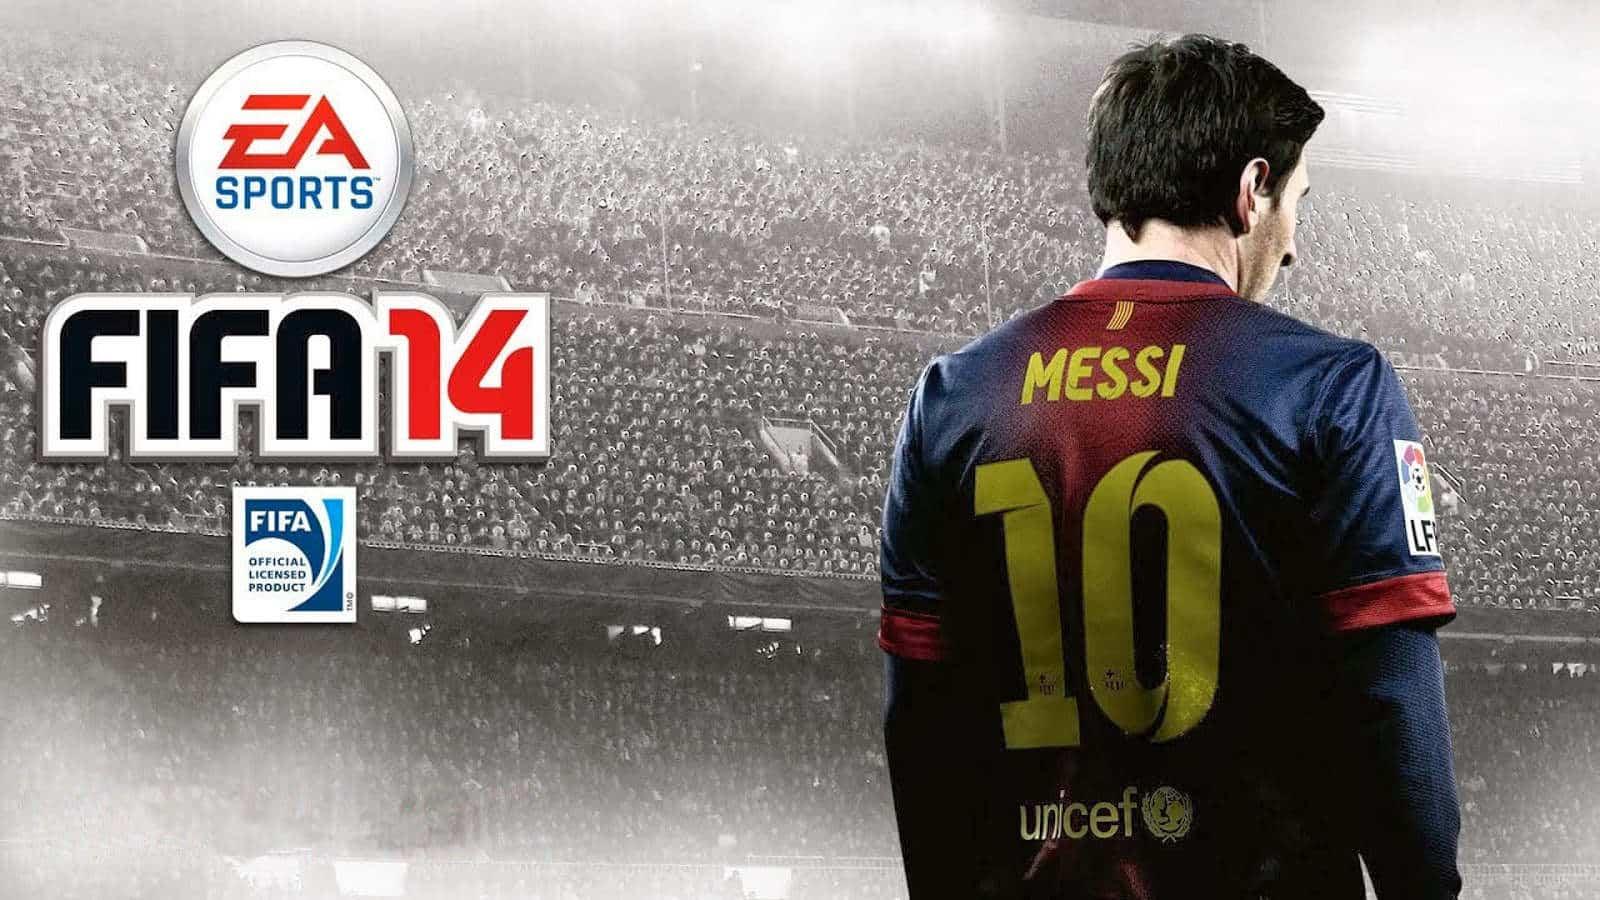 FIFA-14-cover